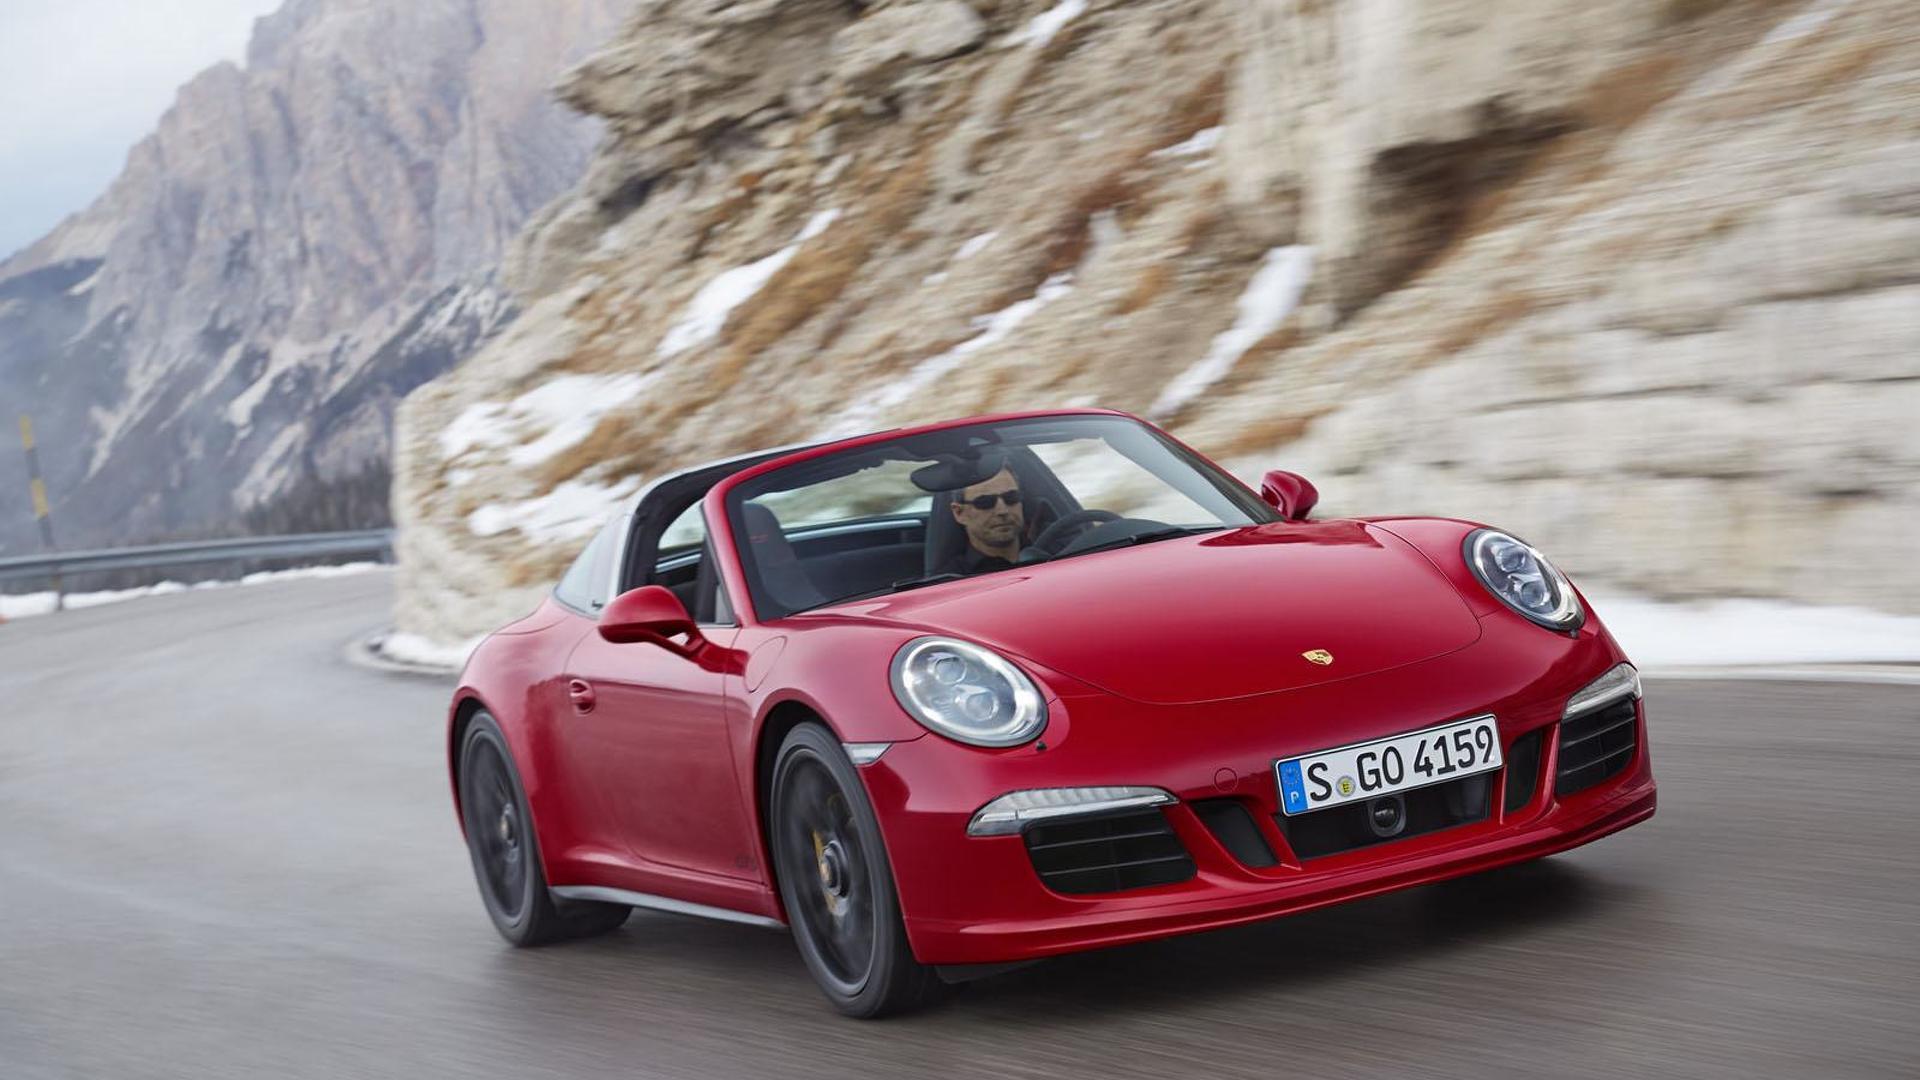 Самый мощный Porsche 911 Targa 4 GTS